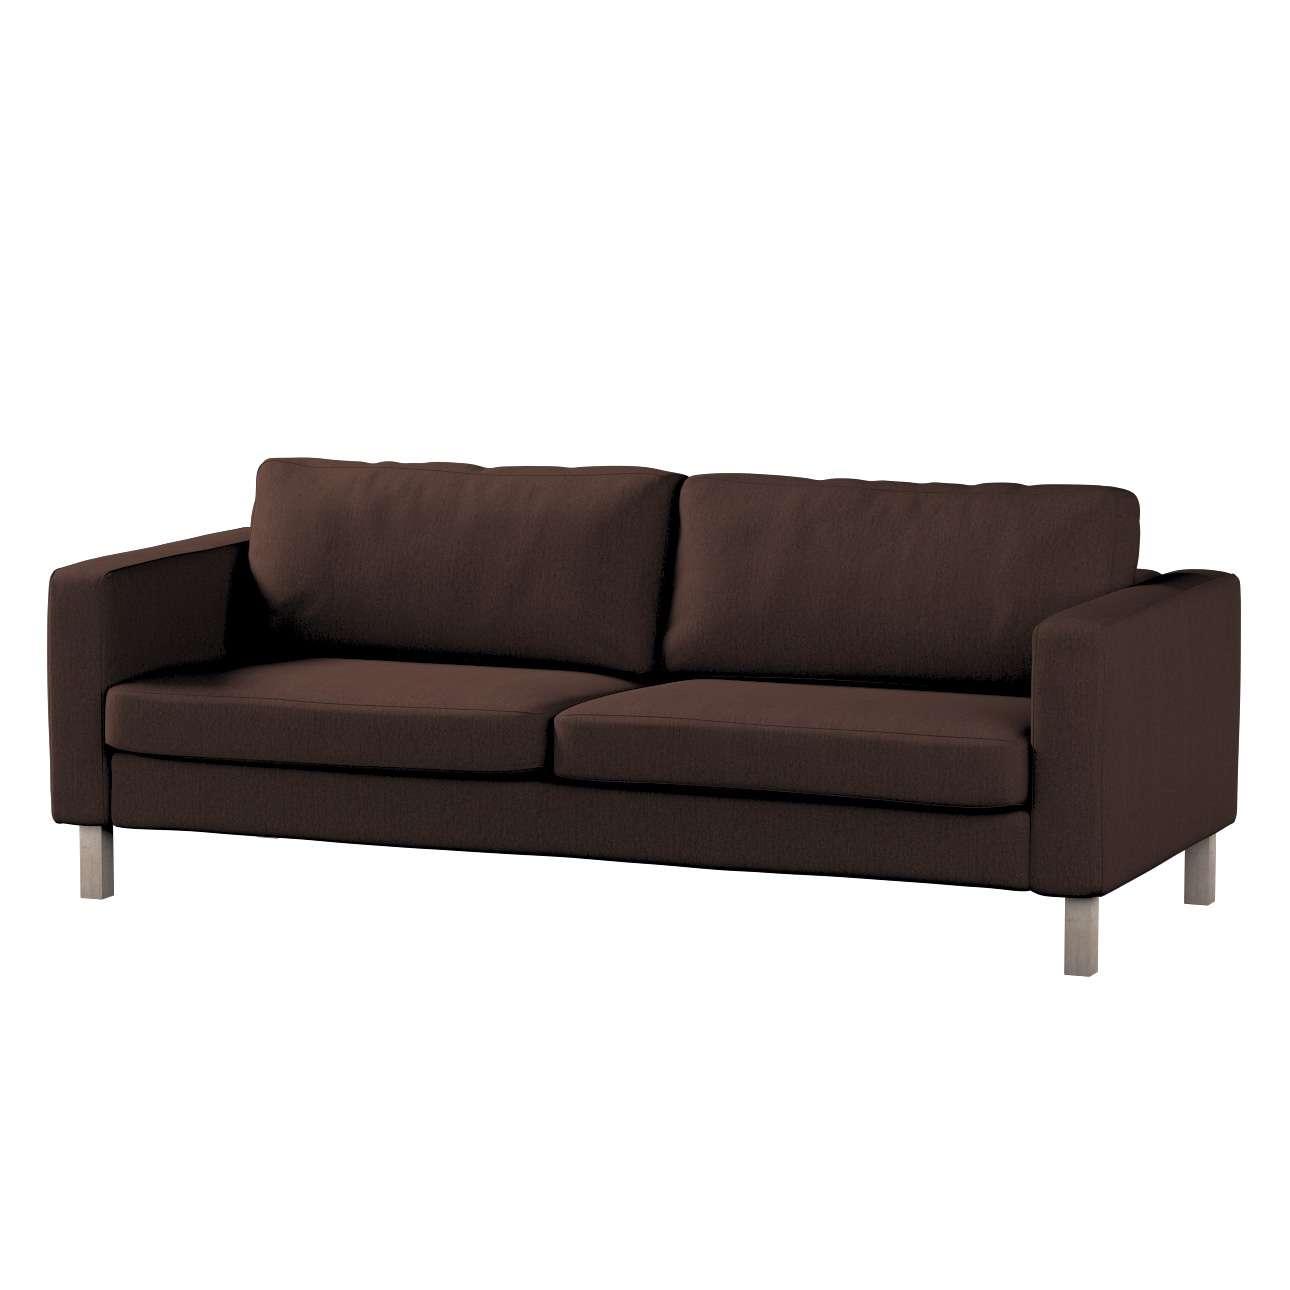 KARSLTAD trvivietės sofos užvalkalas Karlstad 3-vietės sofos užvalkalas (neišlankstomai sofai) kolekcijoje Chenille, audinys: 702-18